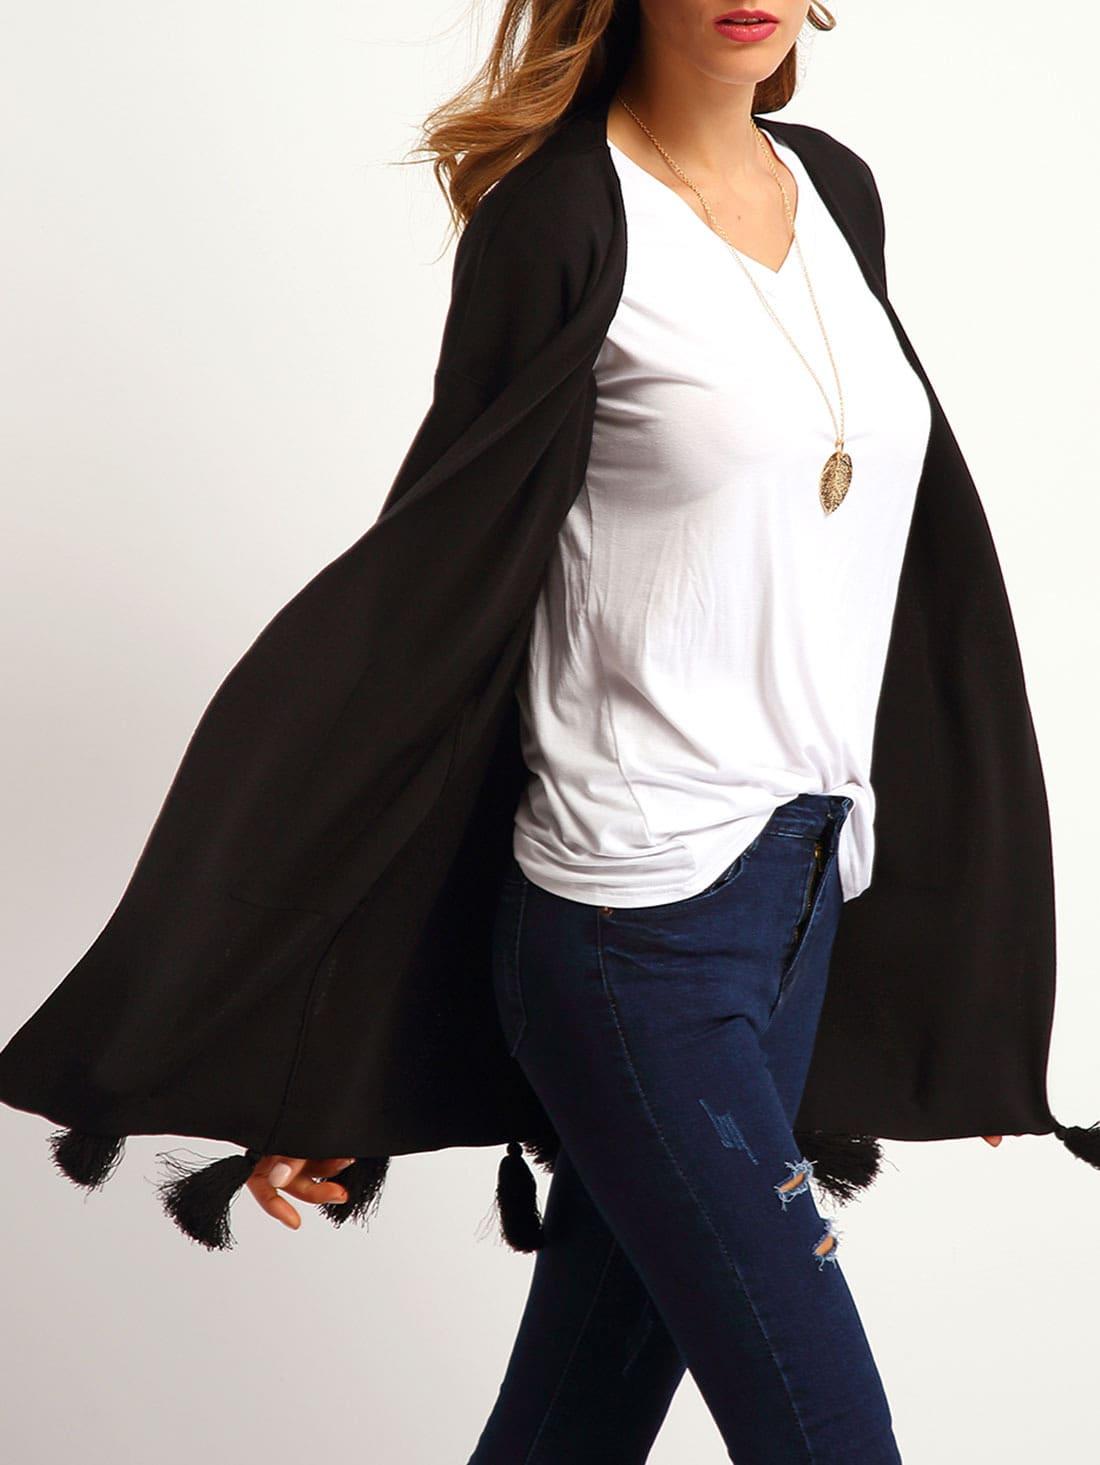 Black Fringe Cuffed Pockets CoatBlack Fringe Cuffed Pockets Coat<br><br>color: Black<br>size: one-size